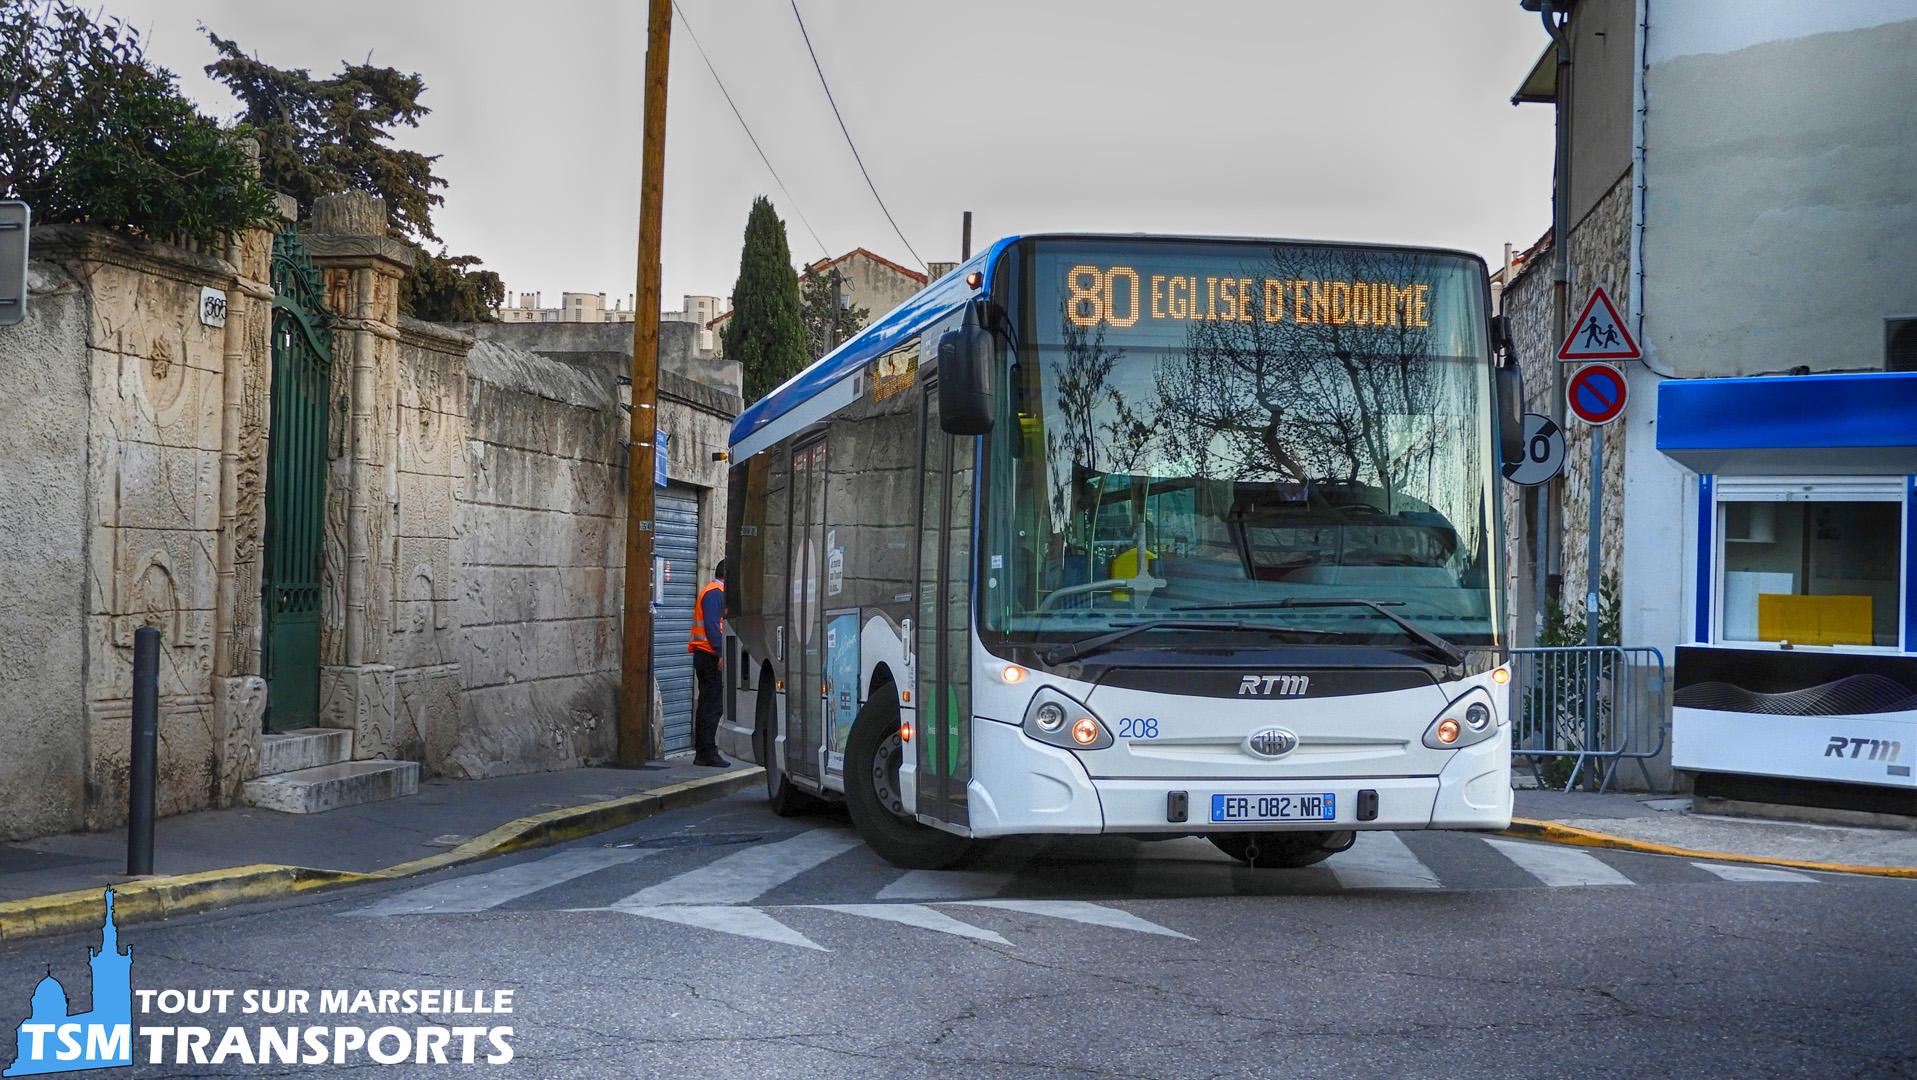 """Heuliez Bus GX127 RTM n°208 en manœuvre pour stationné à son terminus """"église d'endoume"""""""